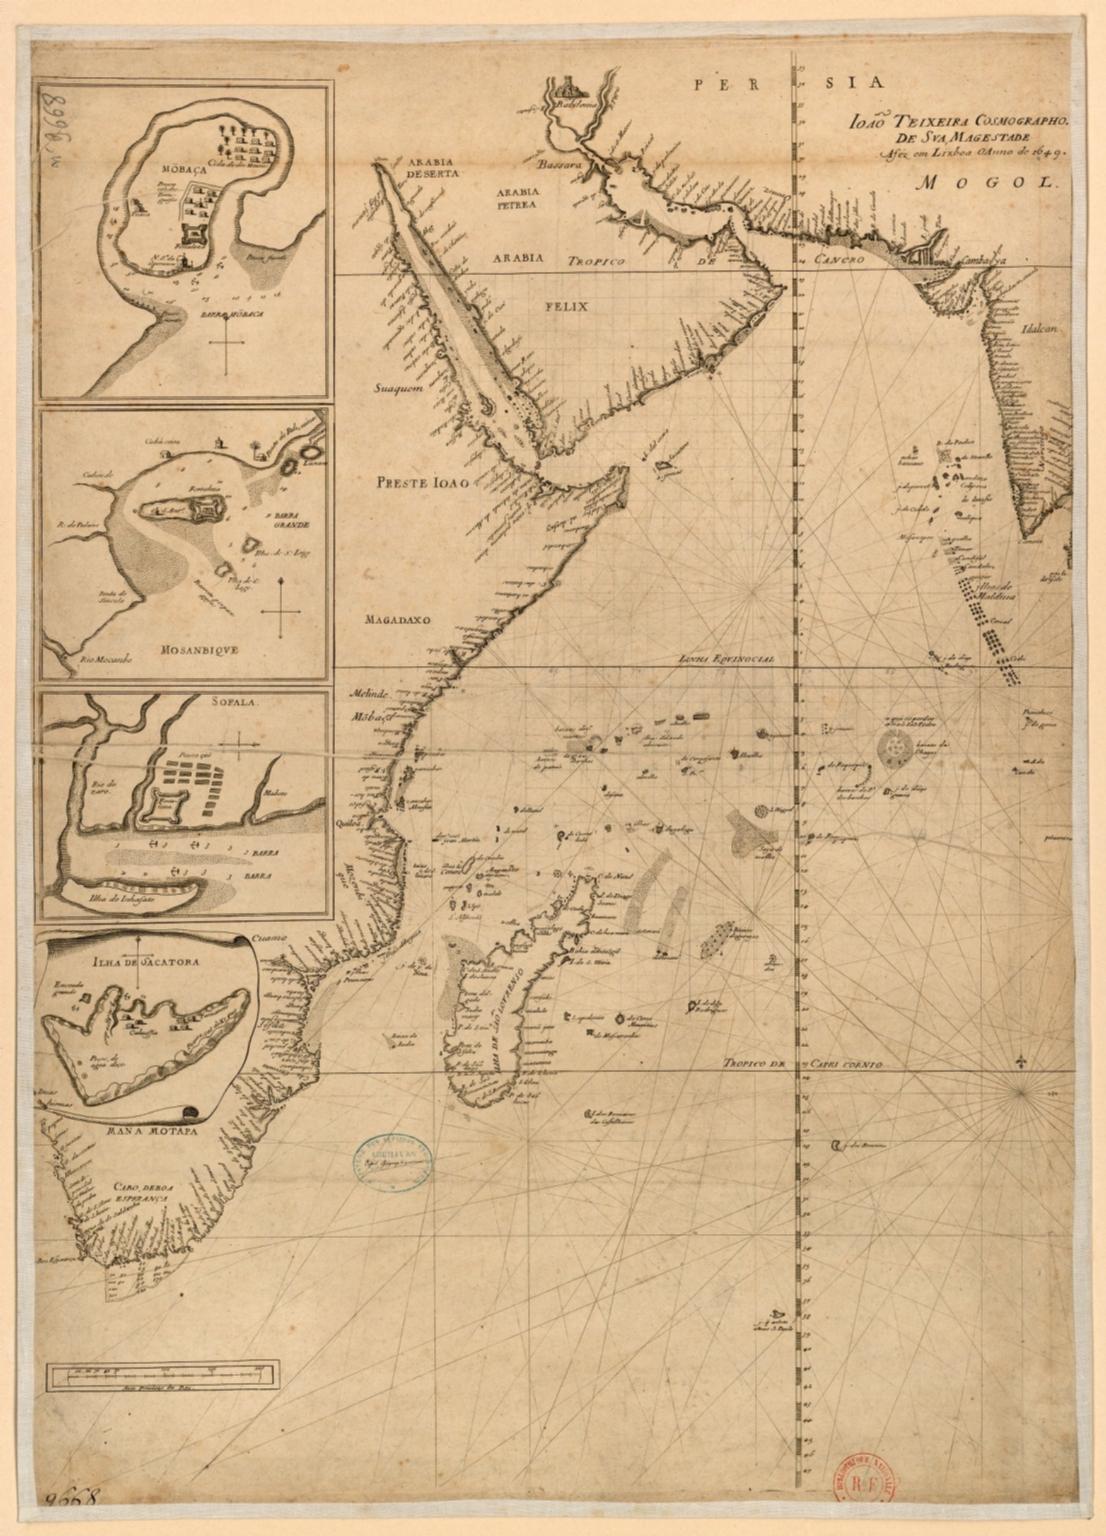 [Carte portugaise de la mer des Indes entre le Cap de Bonne Espérance et le Cap Comorin]